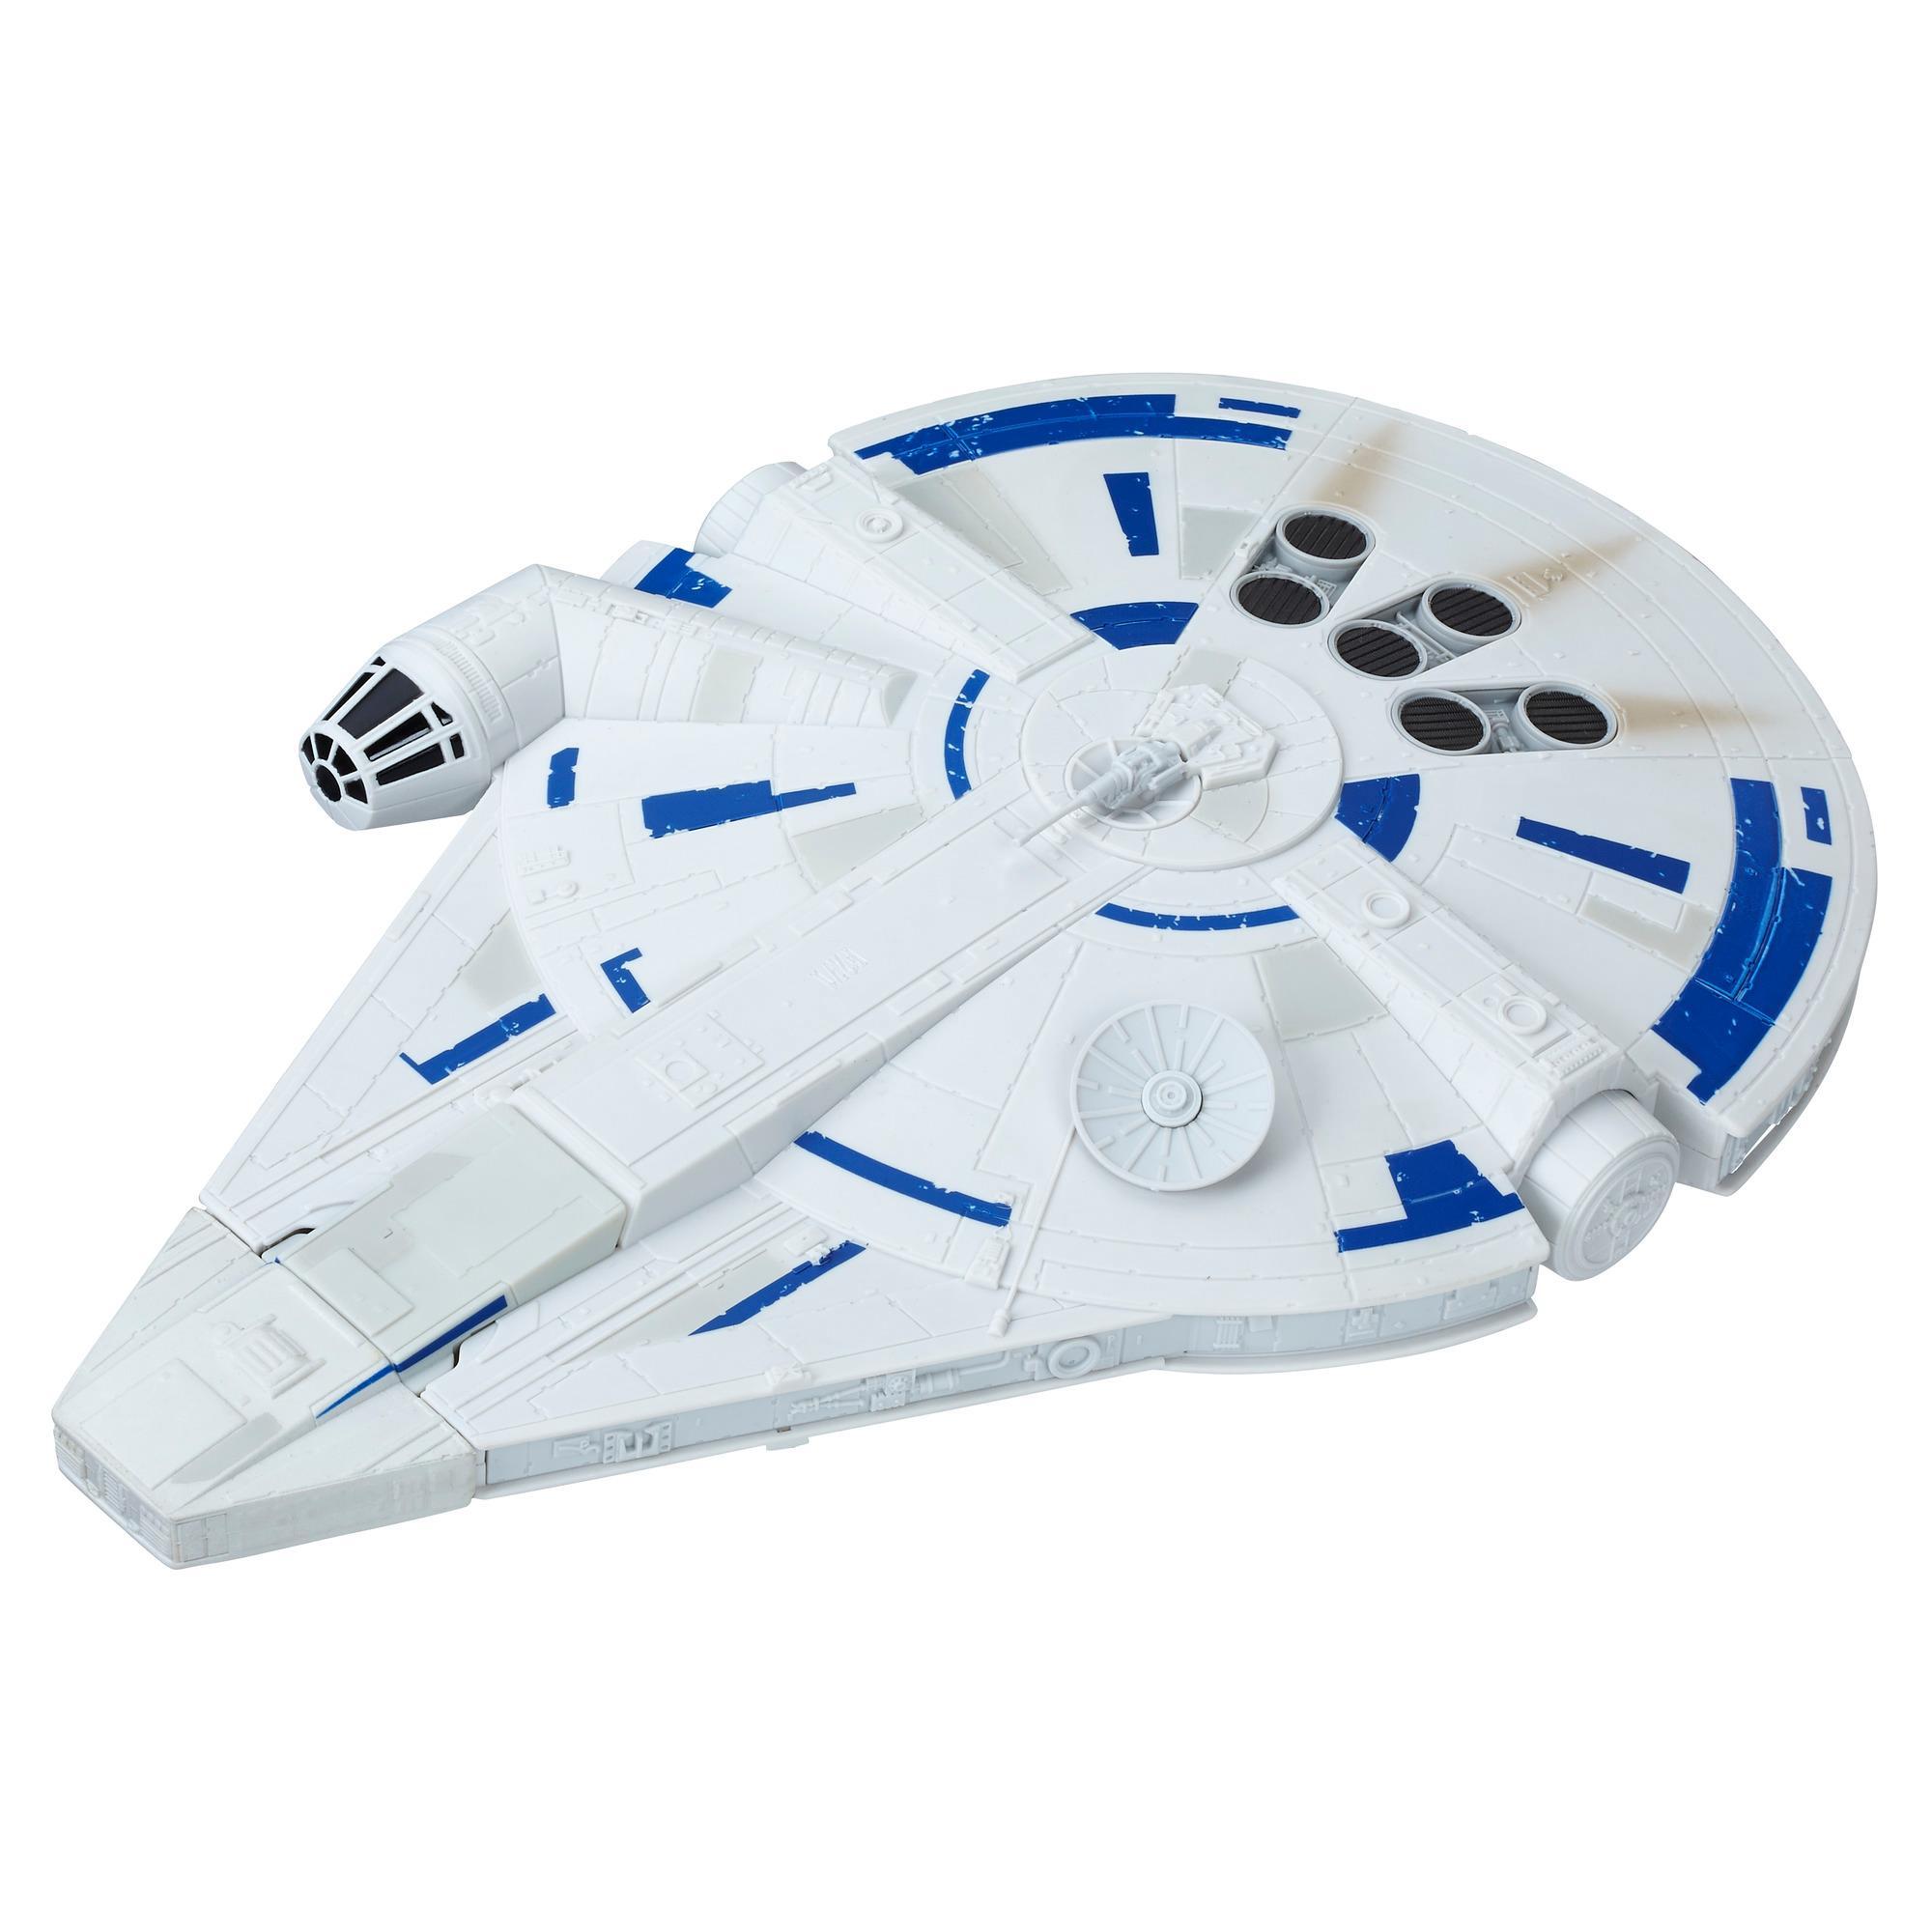 Star Wars Force Link 2.0 - Halcón Milenario con nave de escape